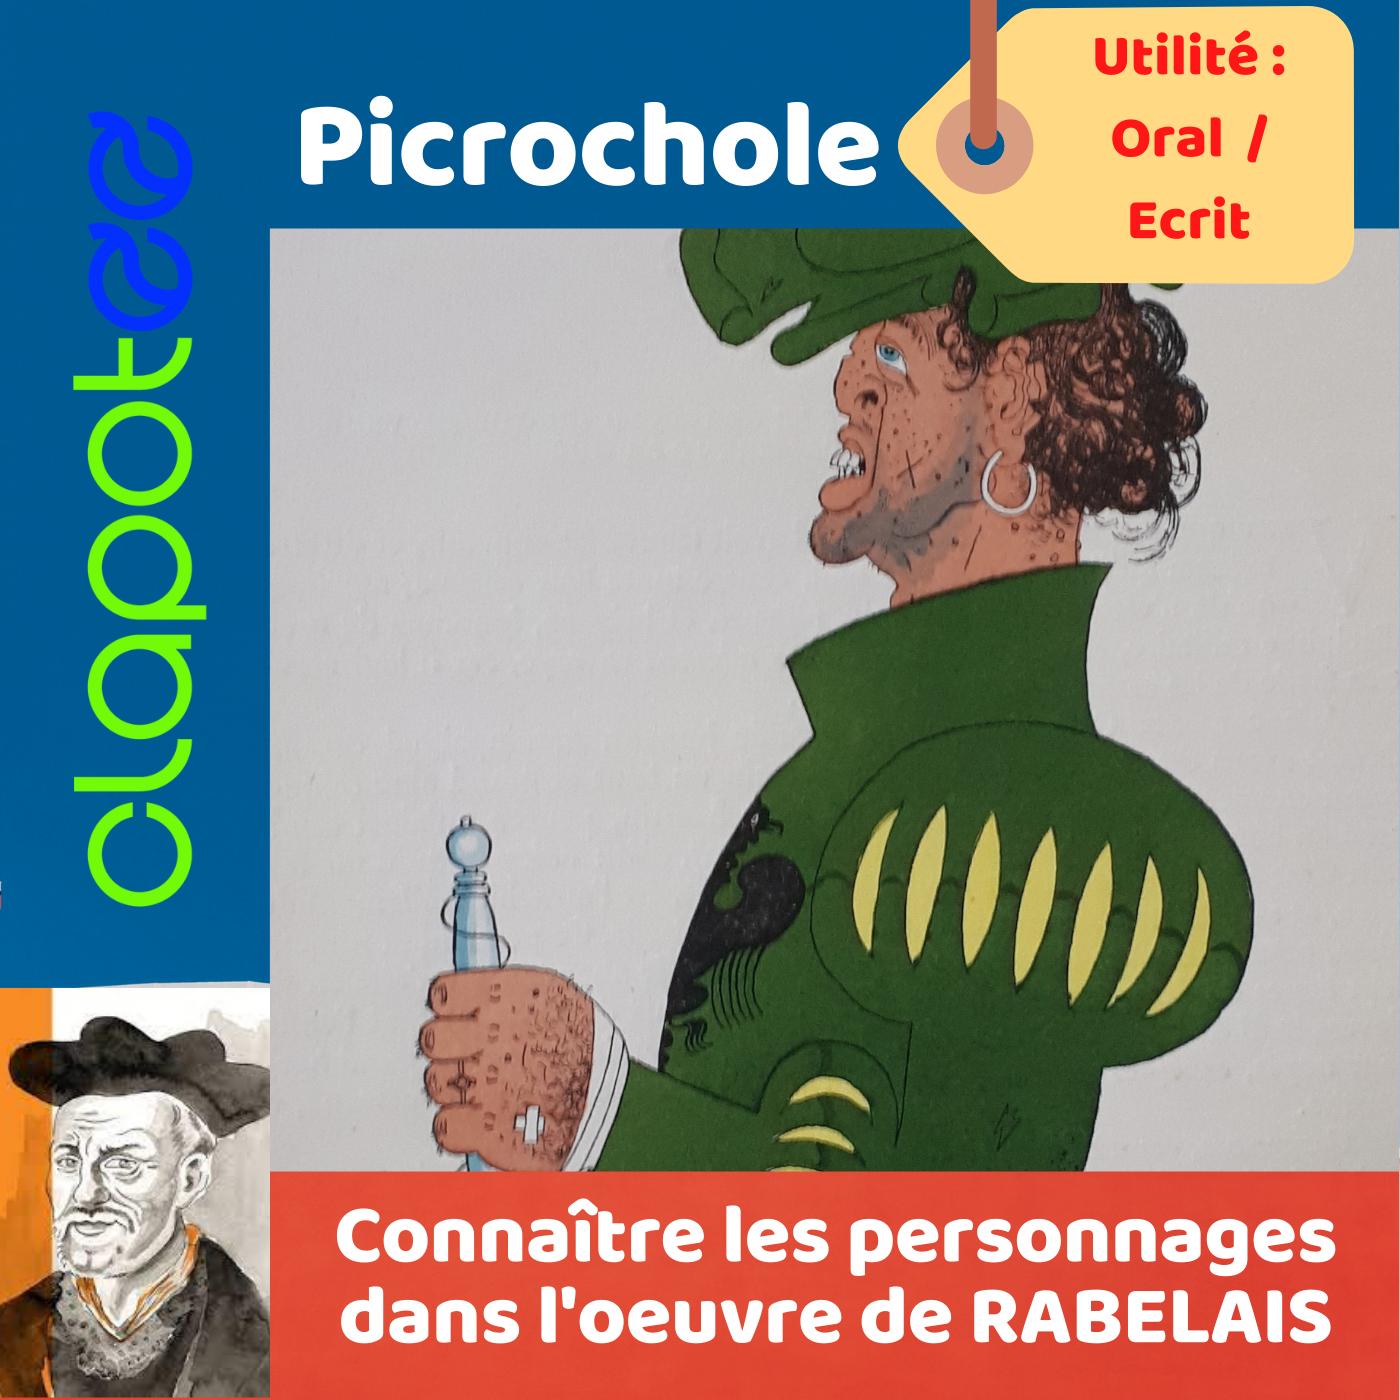 PICROCHOLE, le roi opposant de Grandgousier dans GARGANTUA.